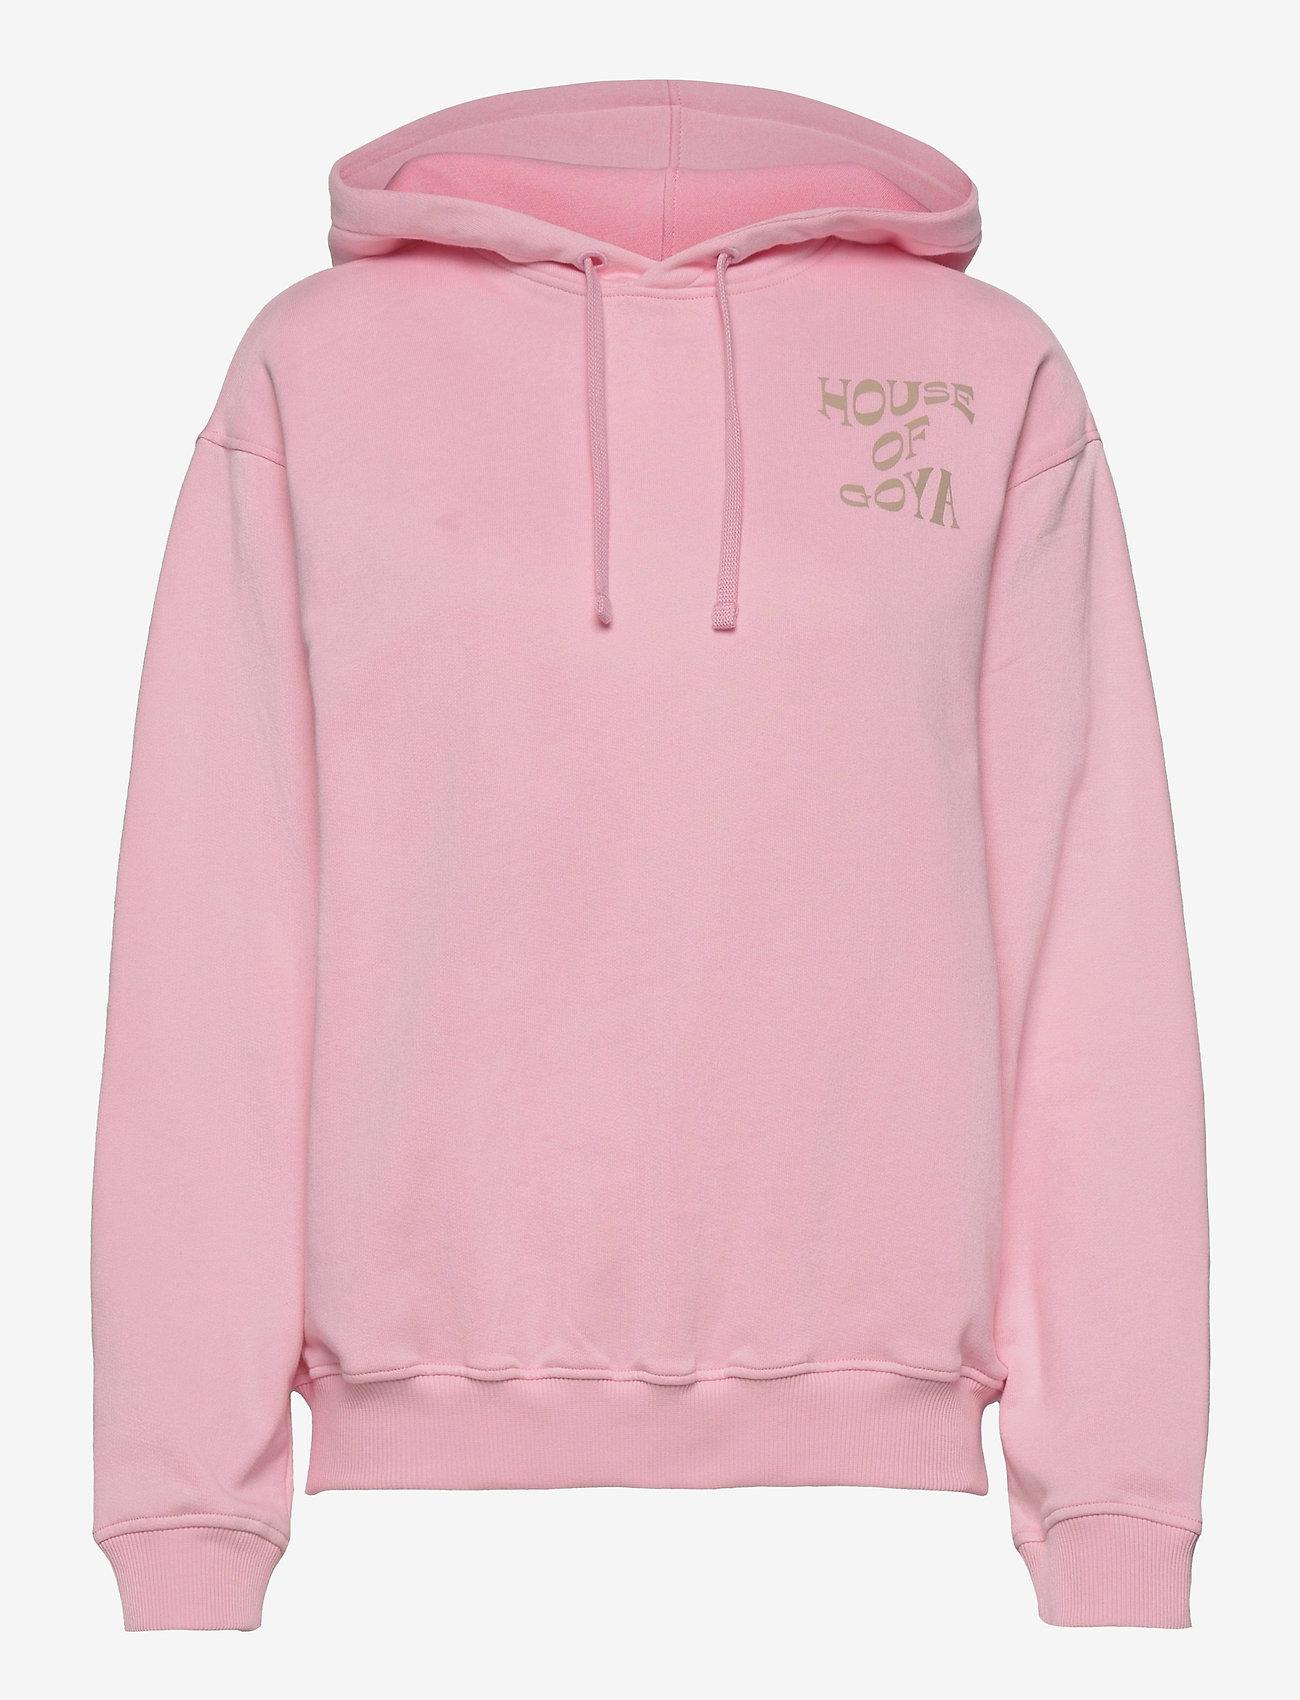 STINE GOYA - Adrisa, 1209 Tracksuit Goya - sweatshirts en hoodies - pink - 0